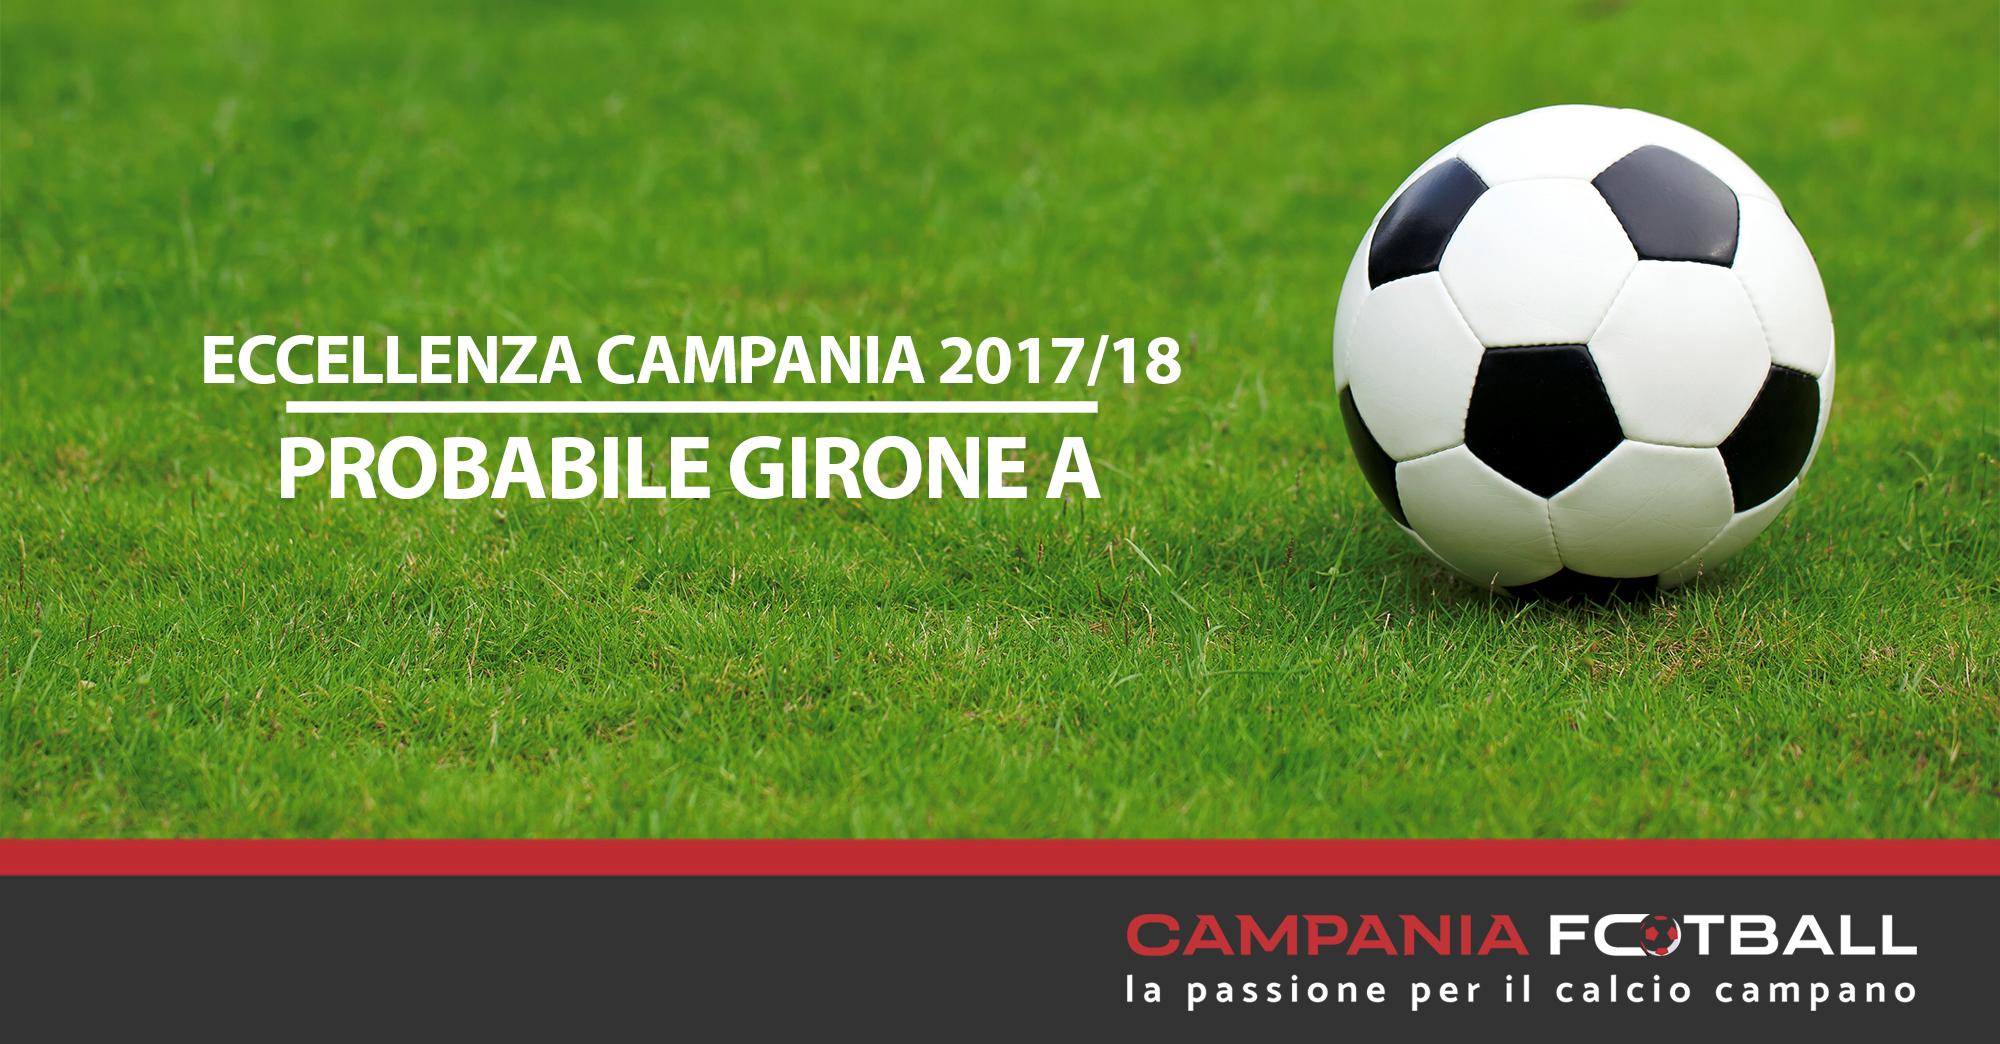 Eccellenza Regionale Campania 2017/18: ecco il probabile girone A